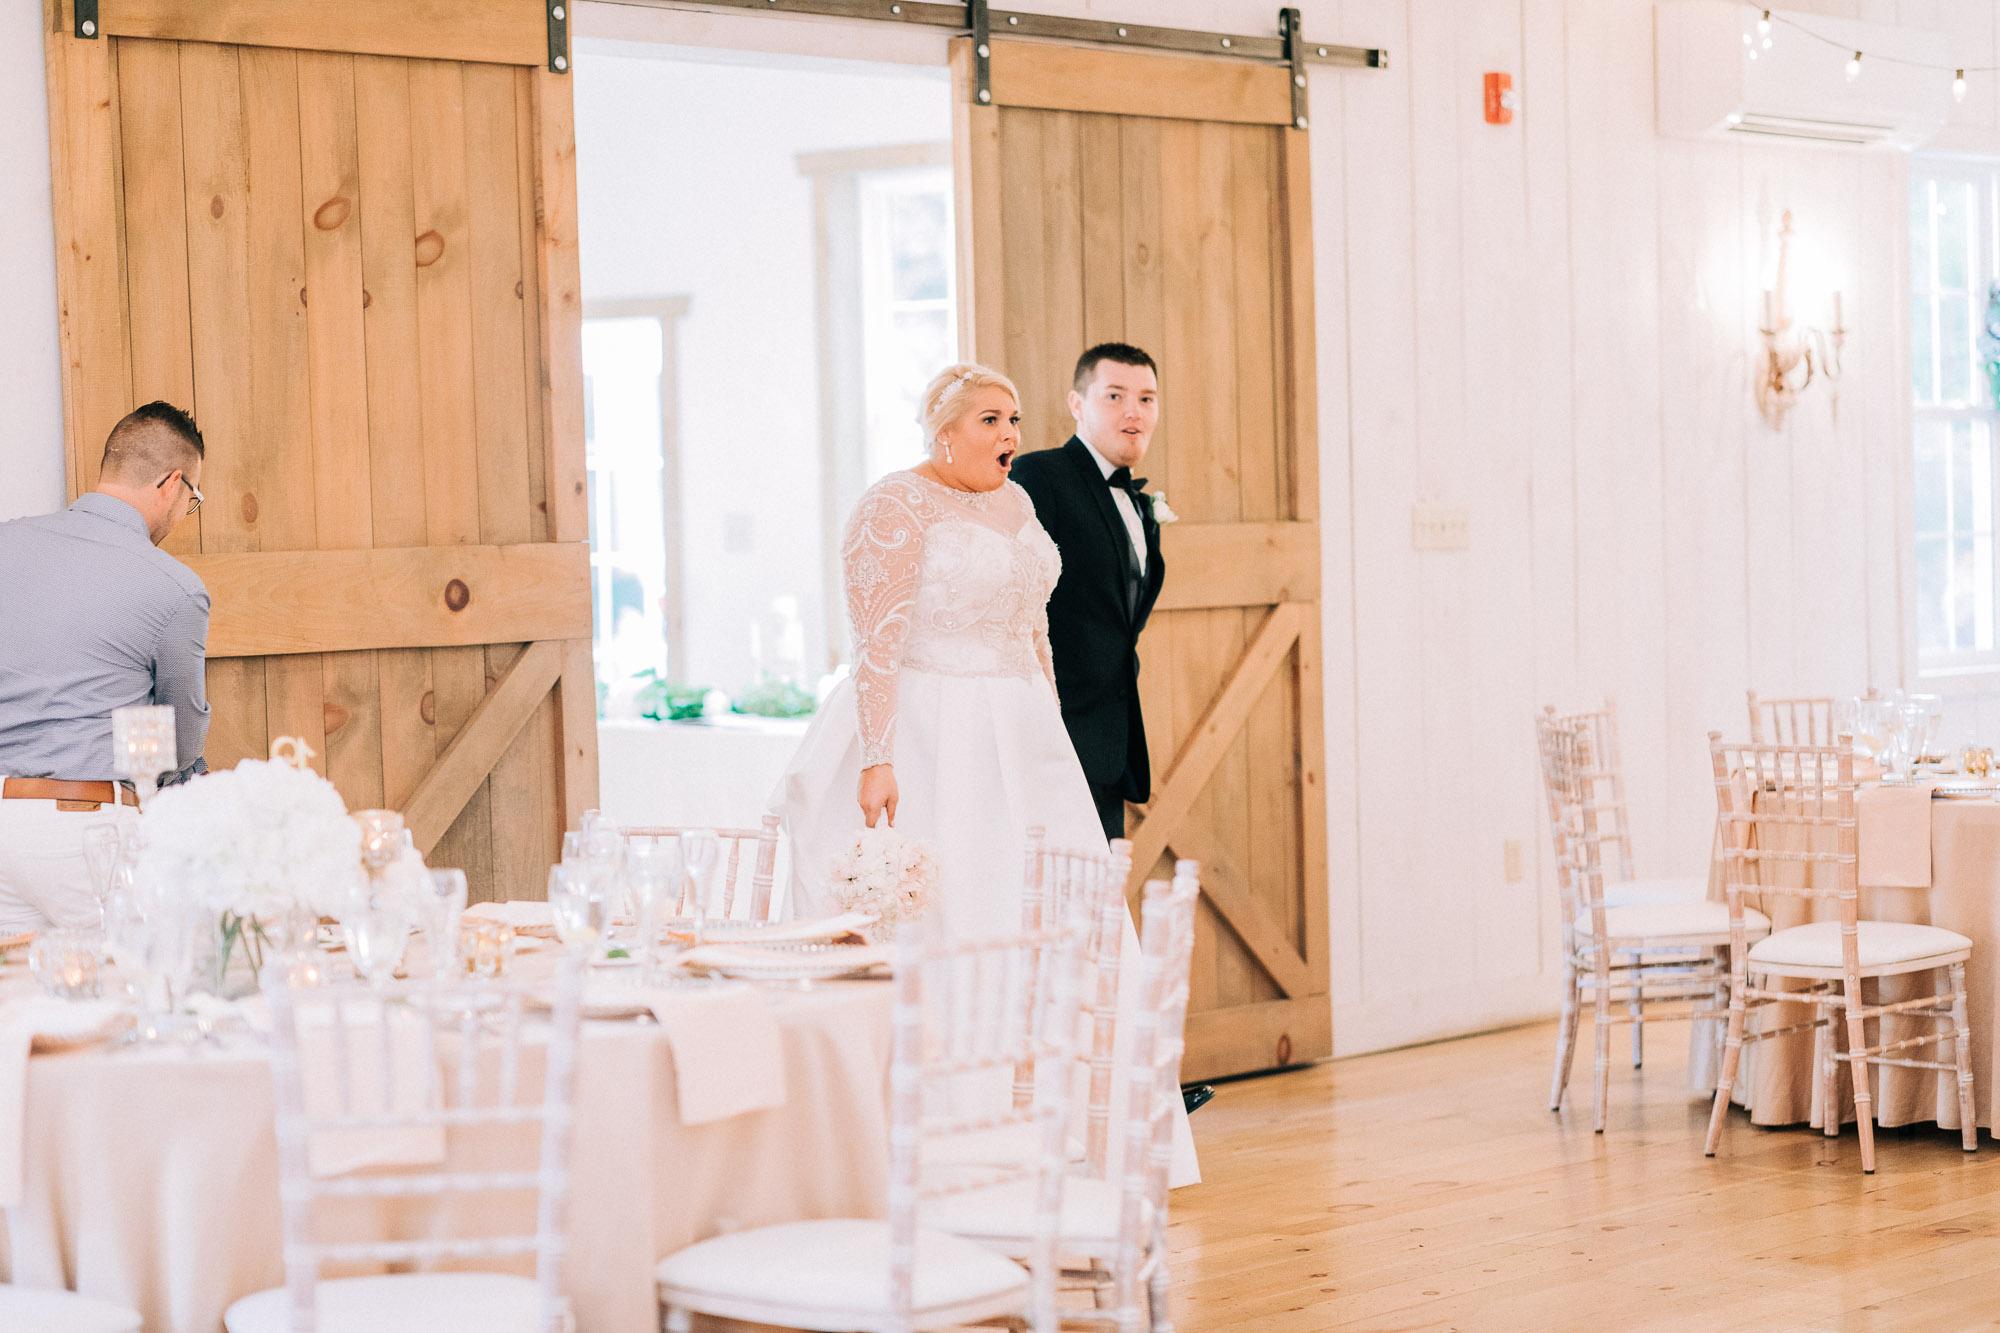 whitewoods-october-wedding-sk-3986.jpg